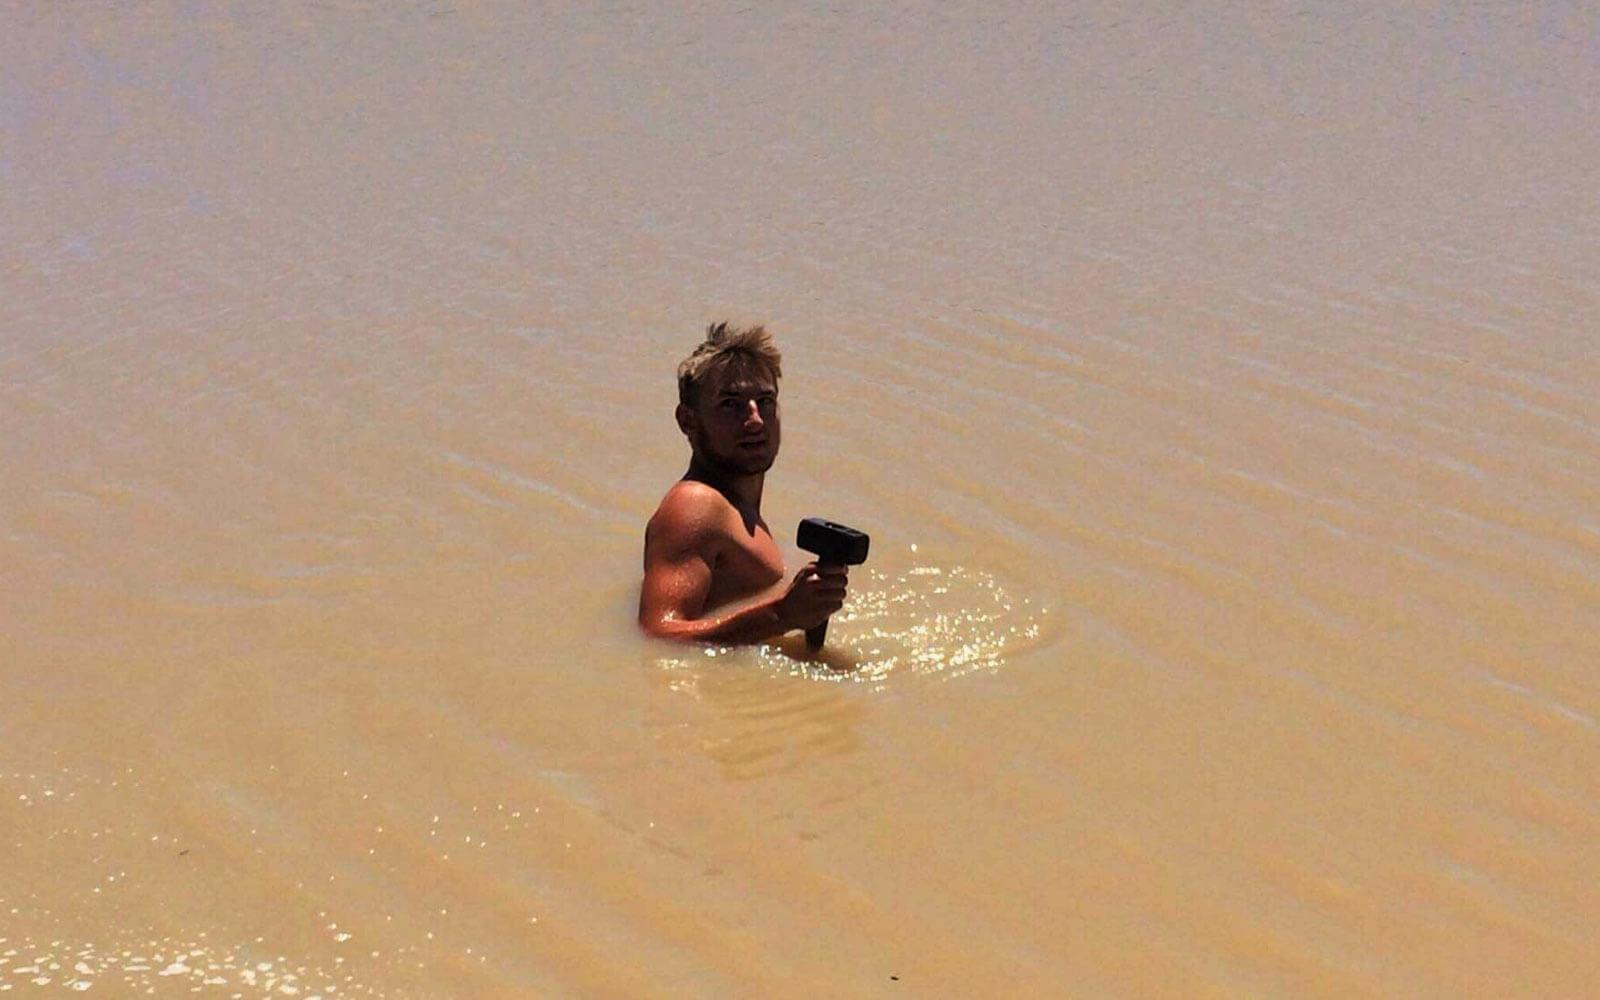 Paul mit einem Hammer in der Hand im Wasser